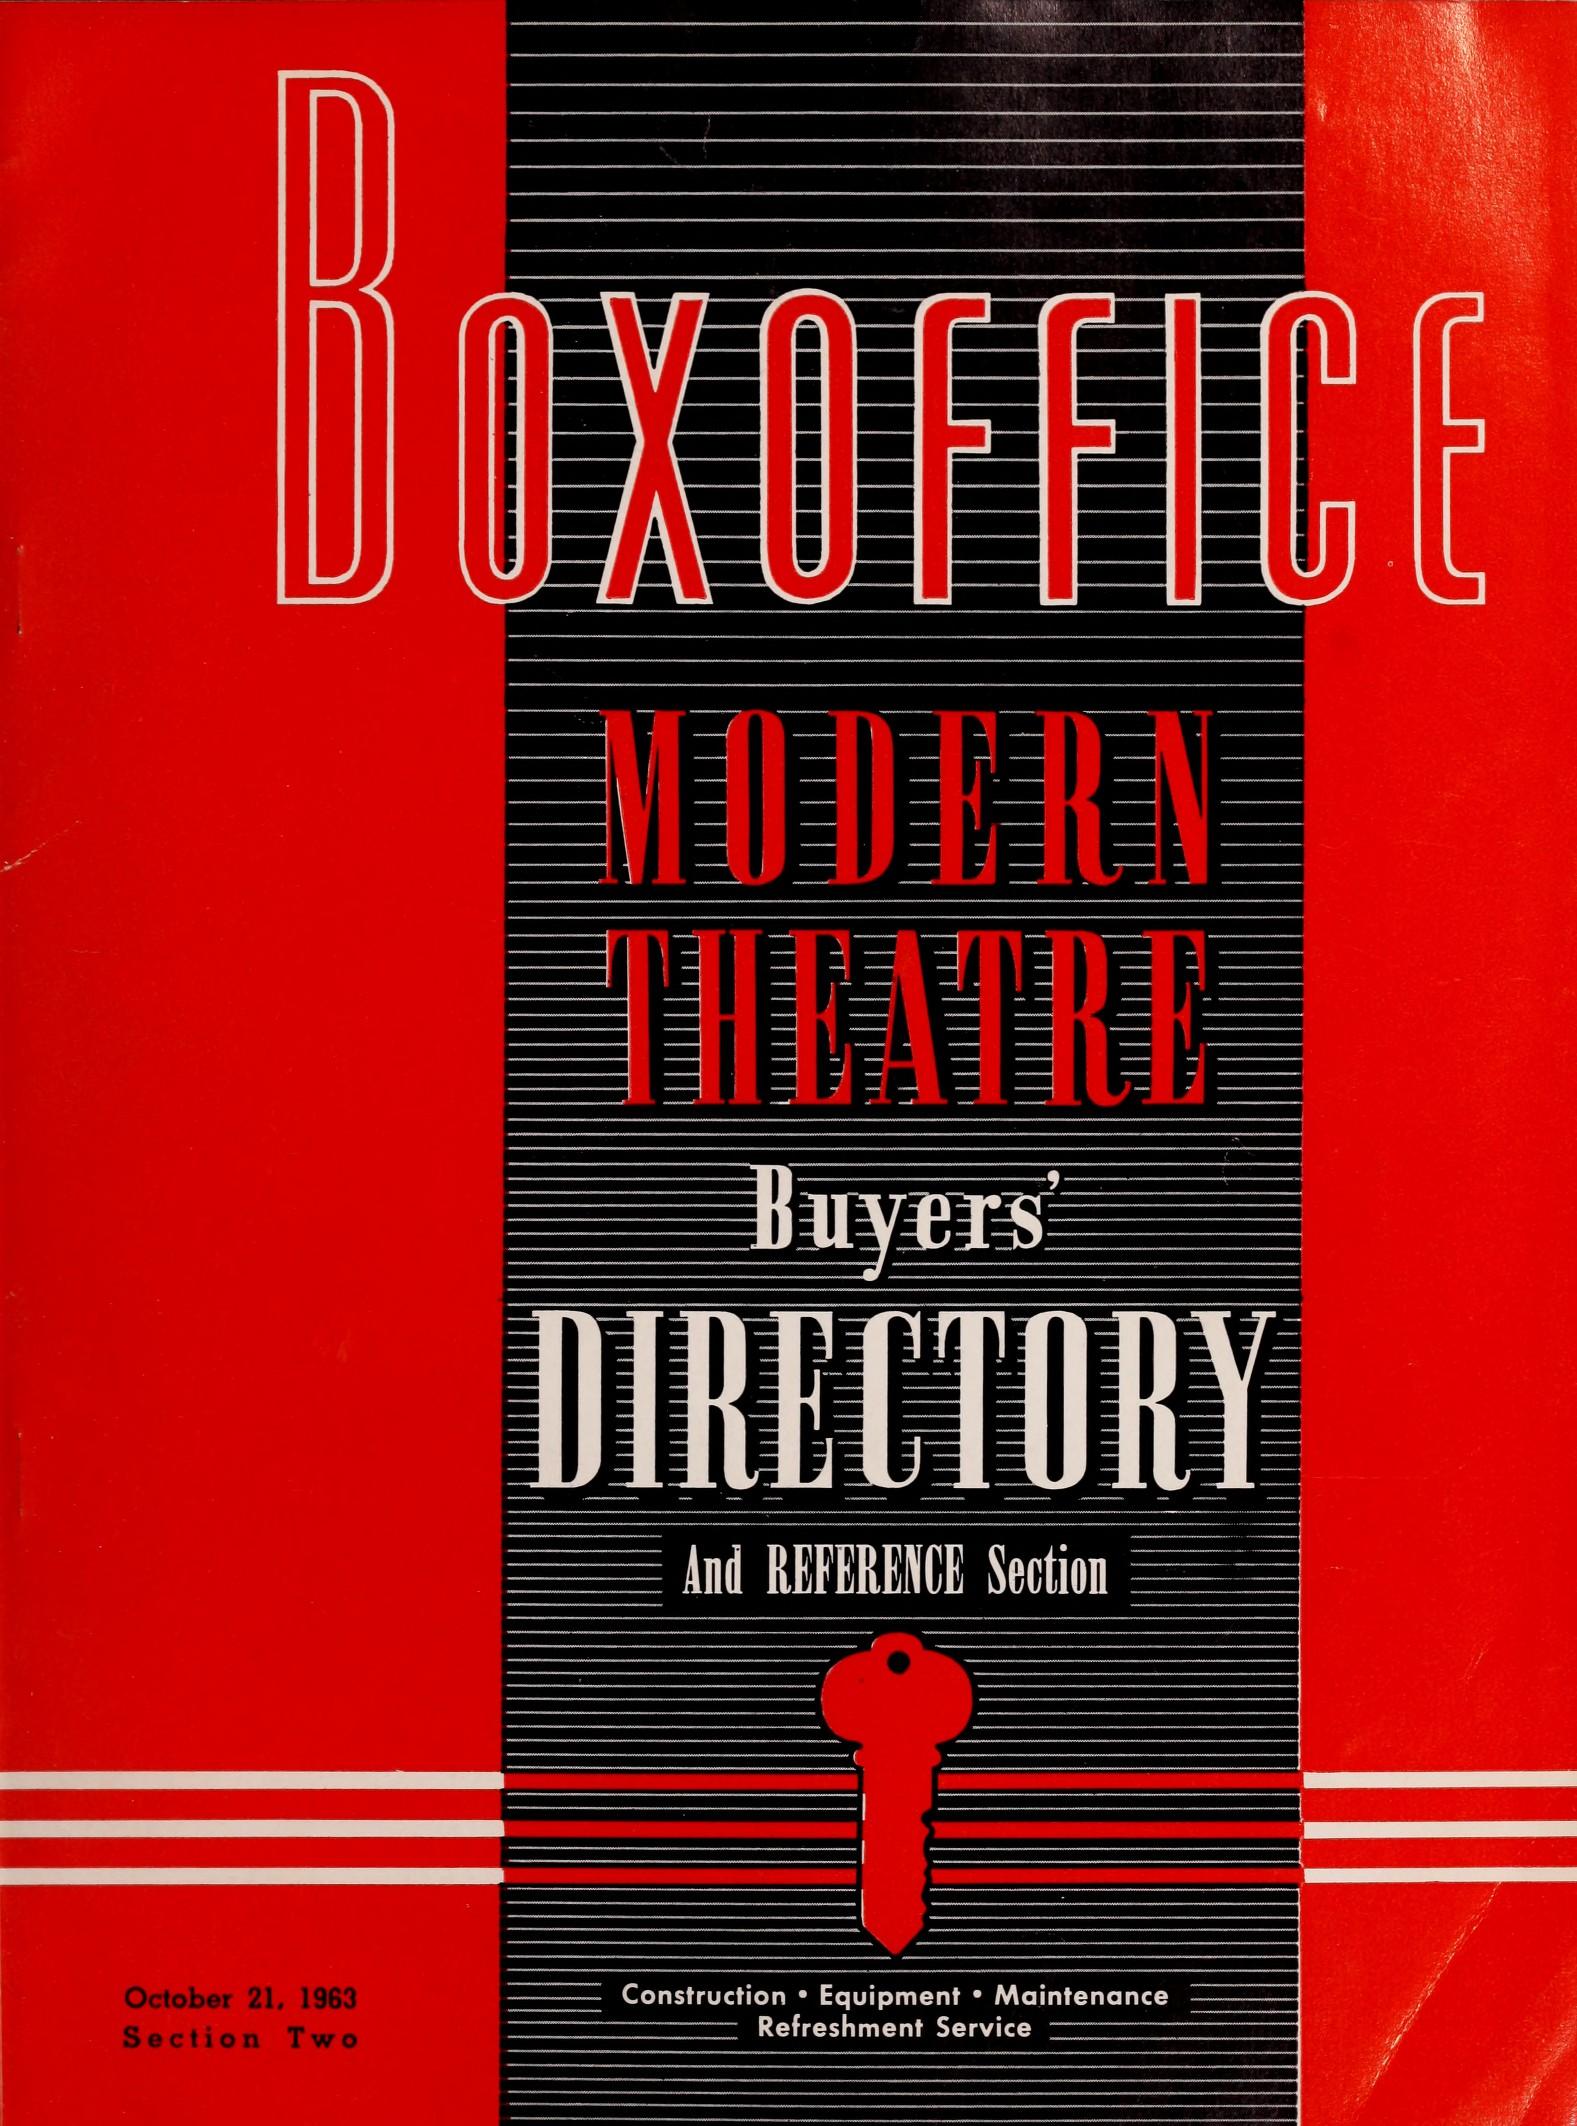 Boxofficeoctdec183boxo_jp2.zip&file=boxofficeoctdec183boxo_jp2%2fboxofficeoctdec183boxo_0127